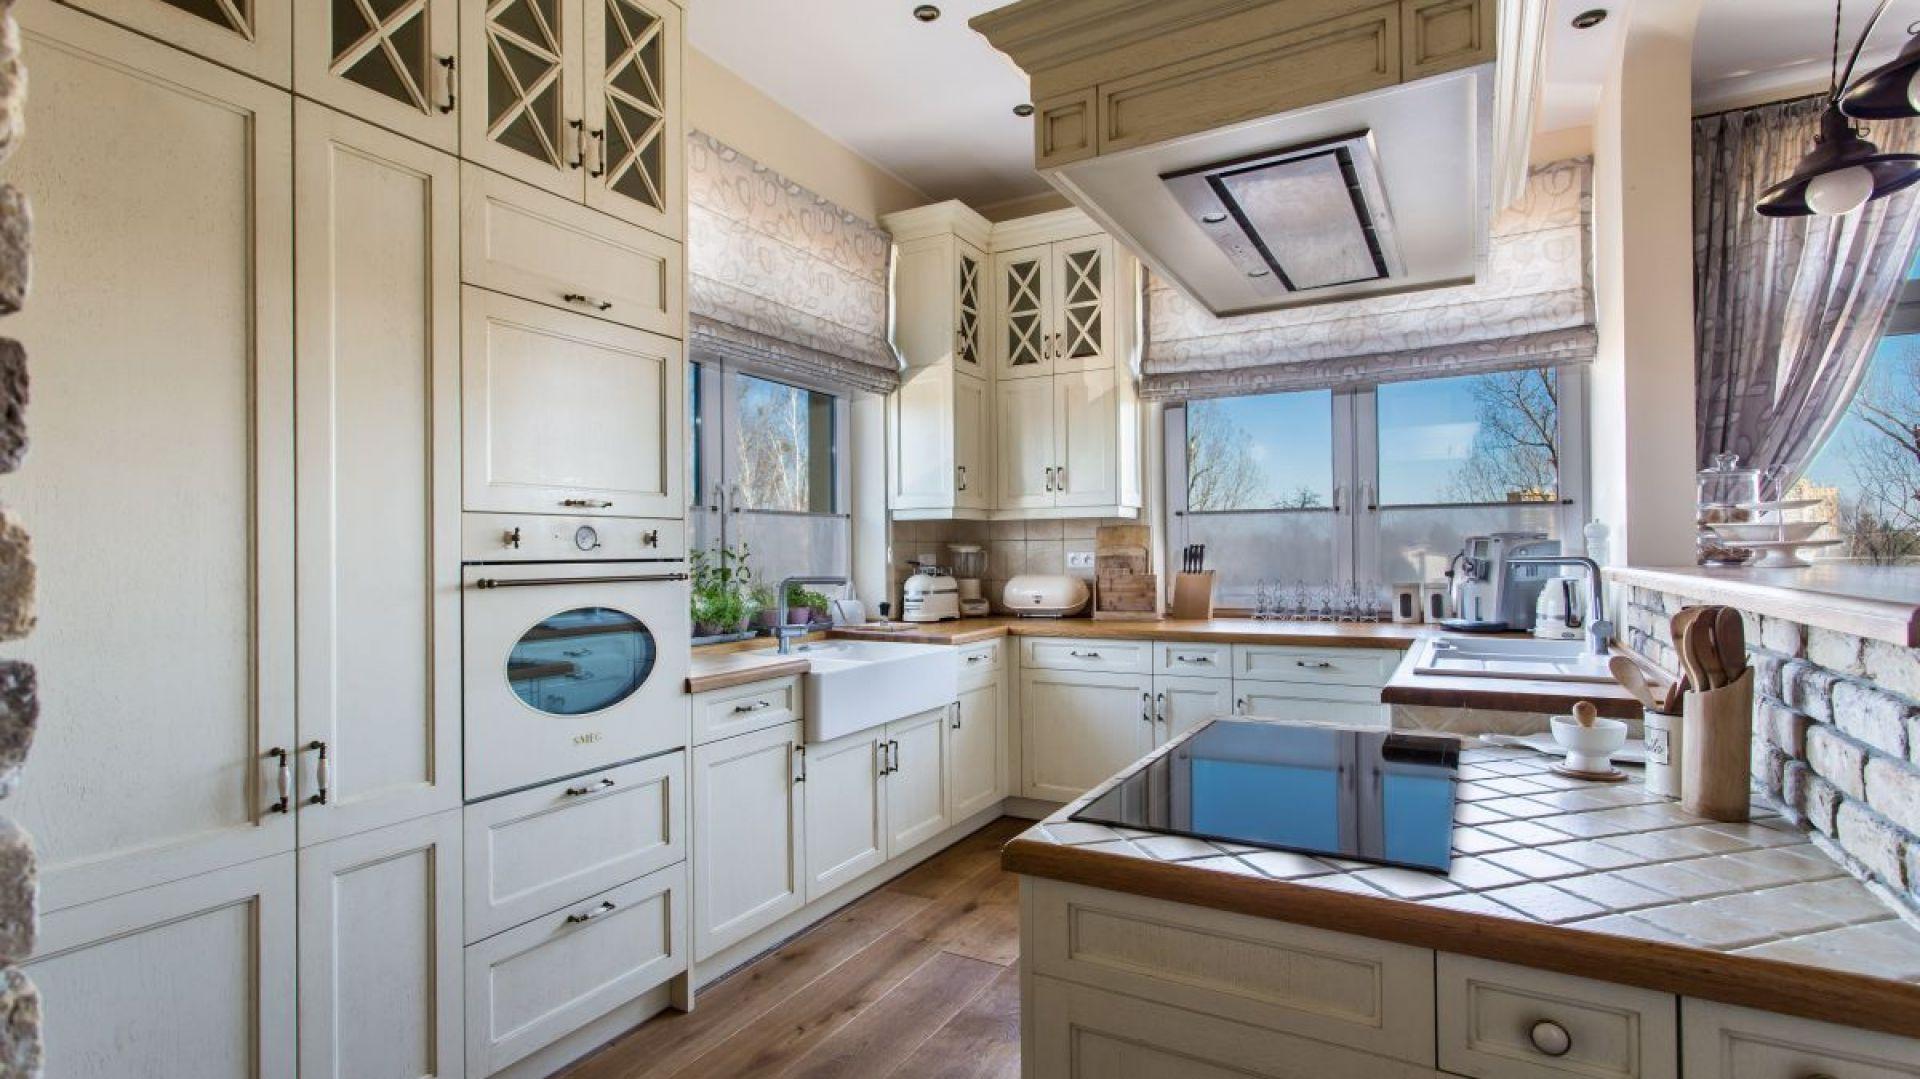 Kuchnia drewniana w klasycznym stylu. Fot. Arino House